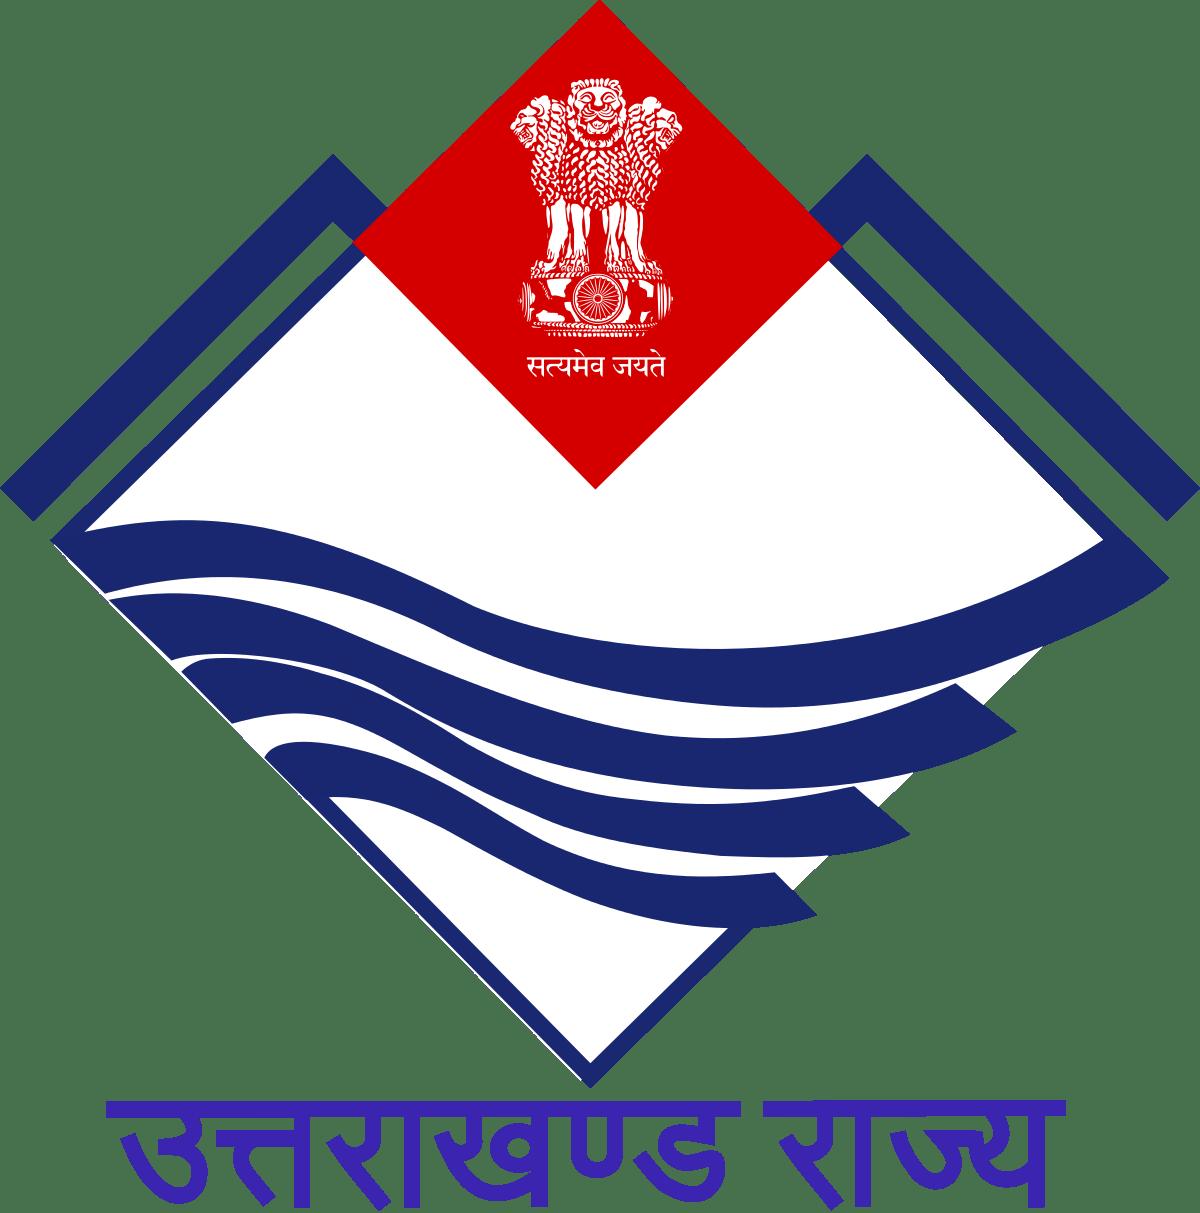 Post-Matric Scholarship for ST Students, Uttarakhand 2019-20